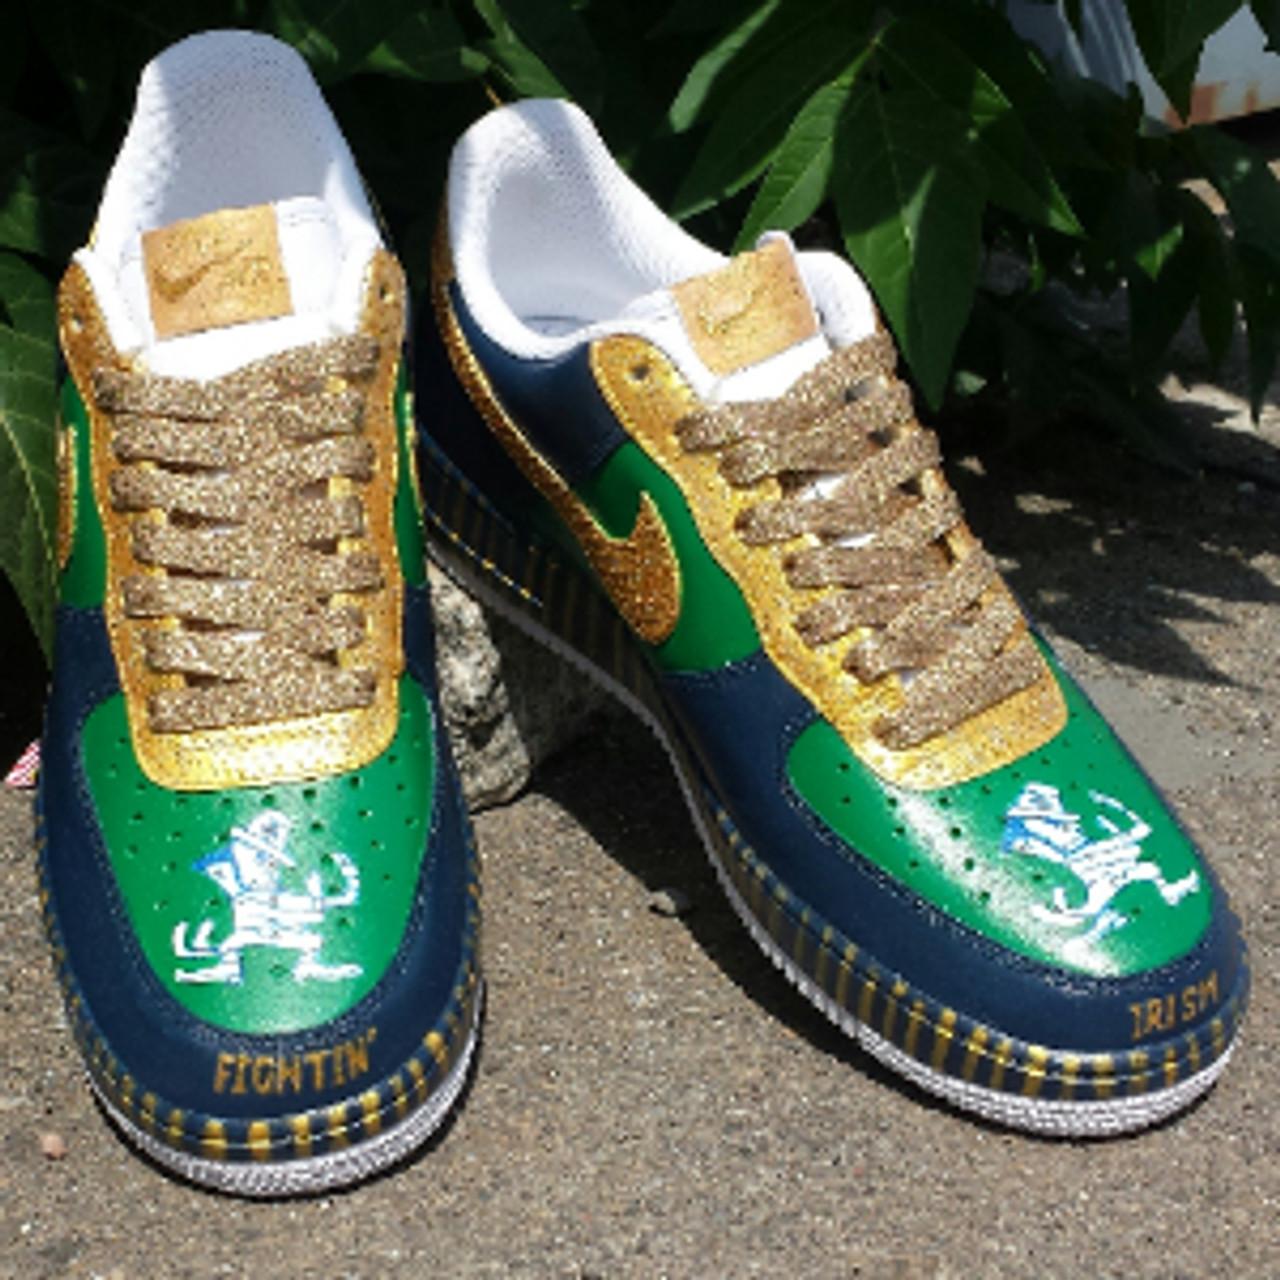 Fighting Irish Custom Painted AF1's Sneakers Pt 2